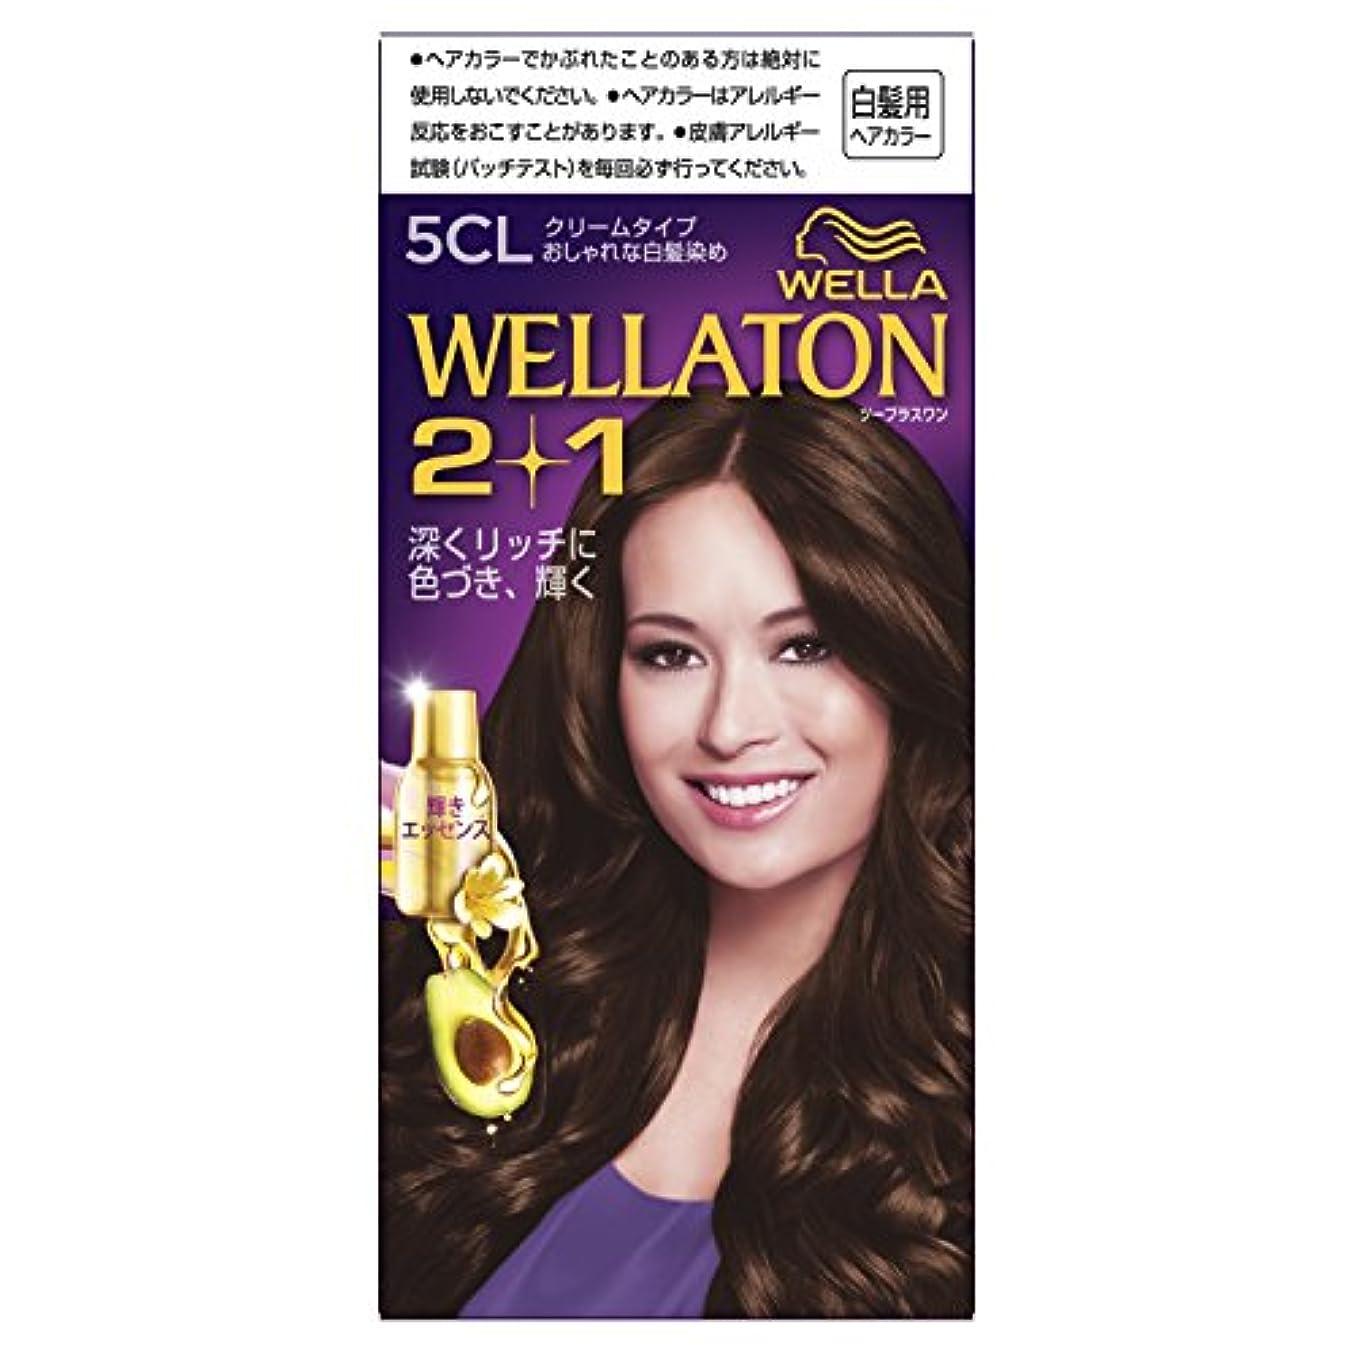 解釈的エンターテインメント徹底的にウエラトーン2+1 クリームタイプ 5CL [医薬部外品](おしゃれな白髪染め)